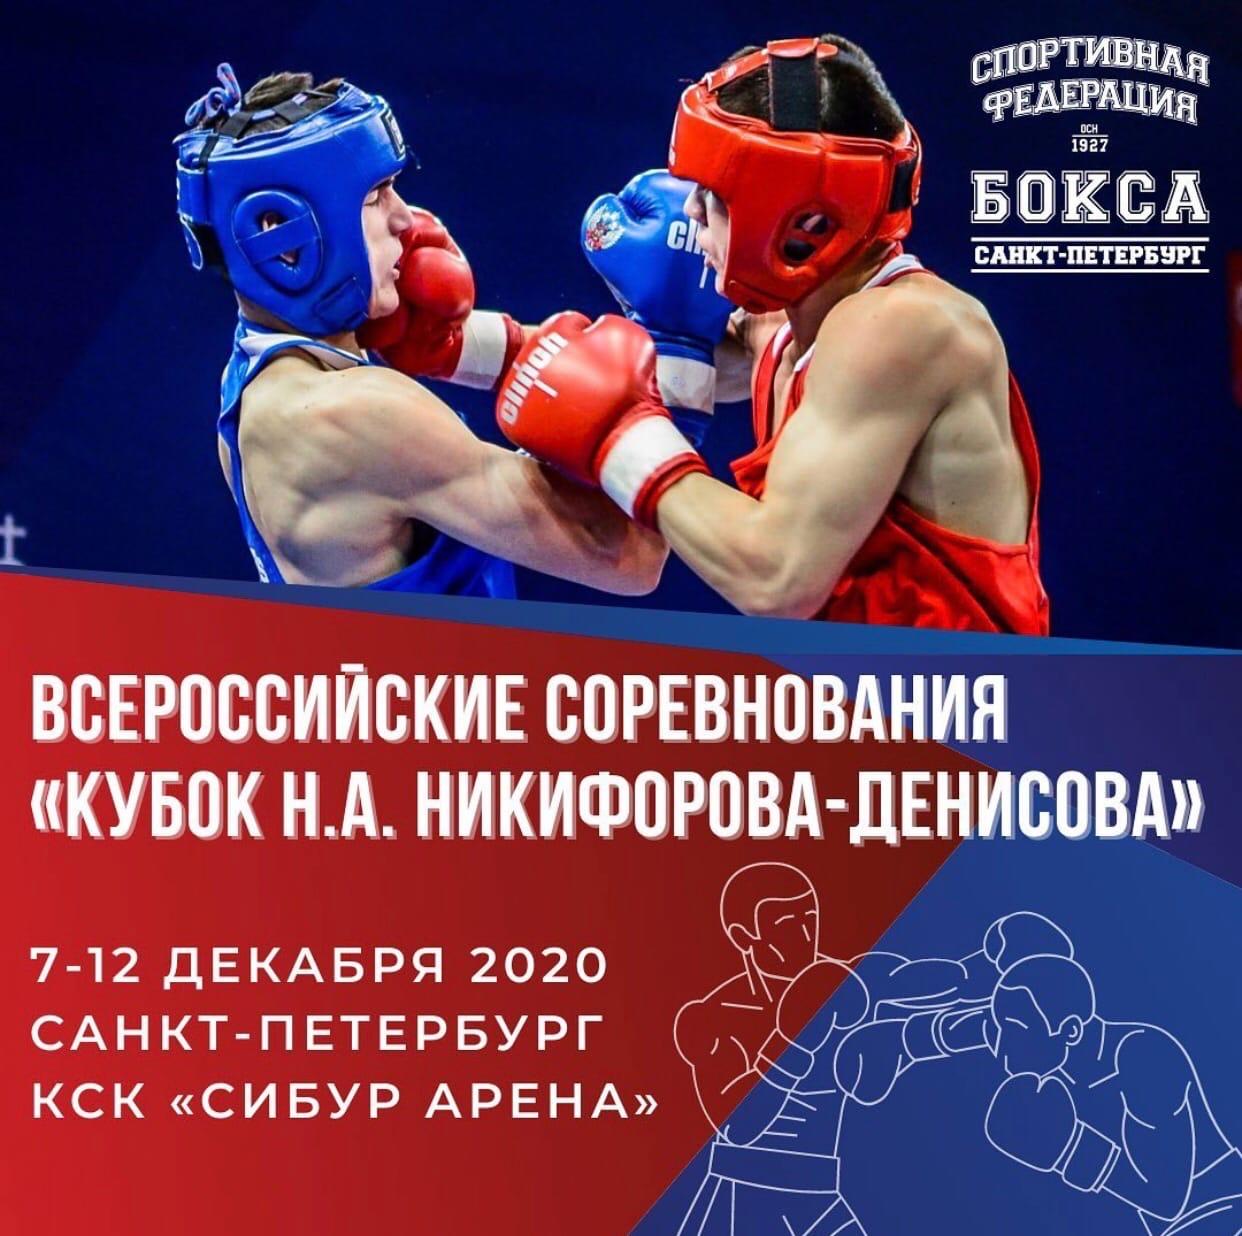 Кубок Никифорова-Денисова 2020